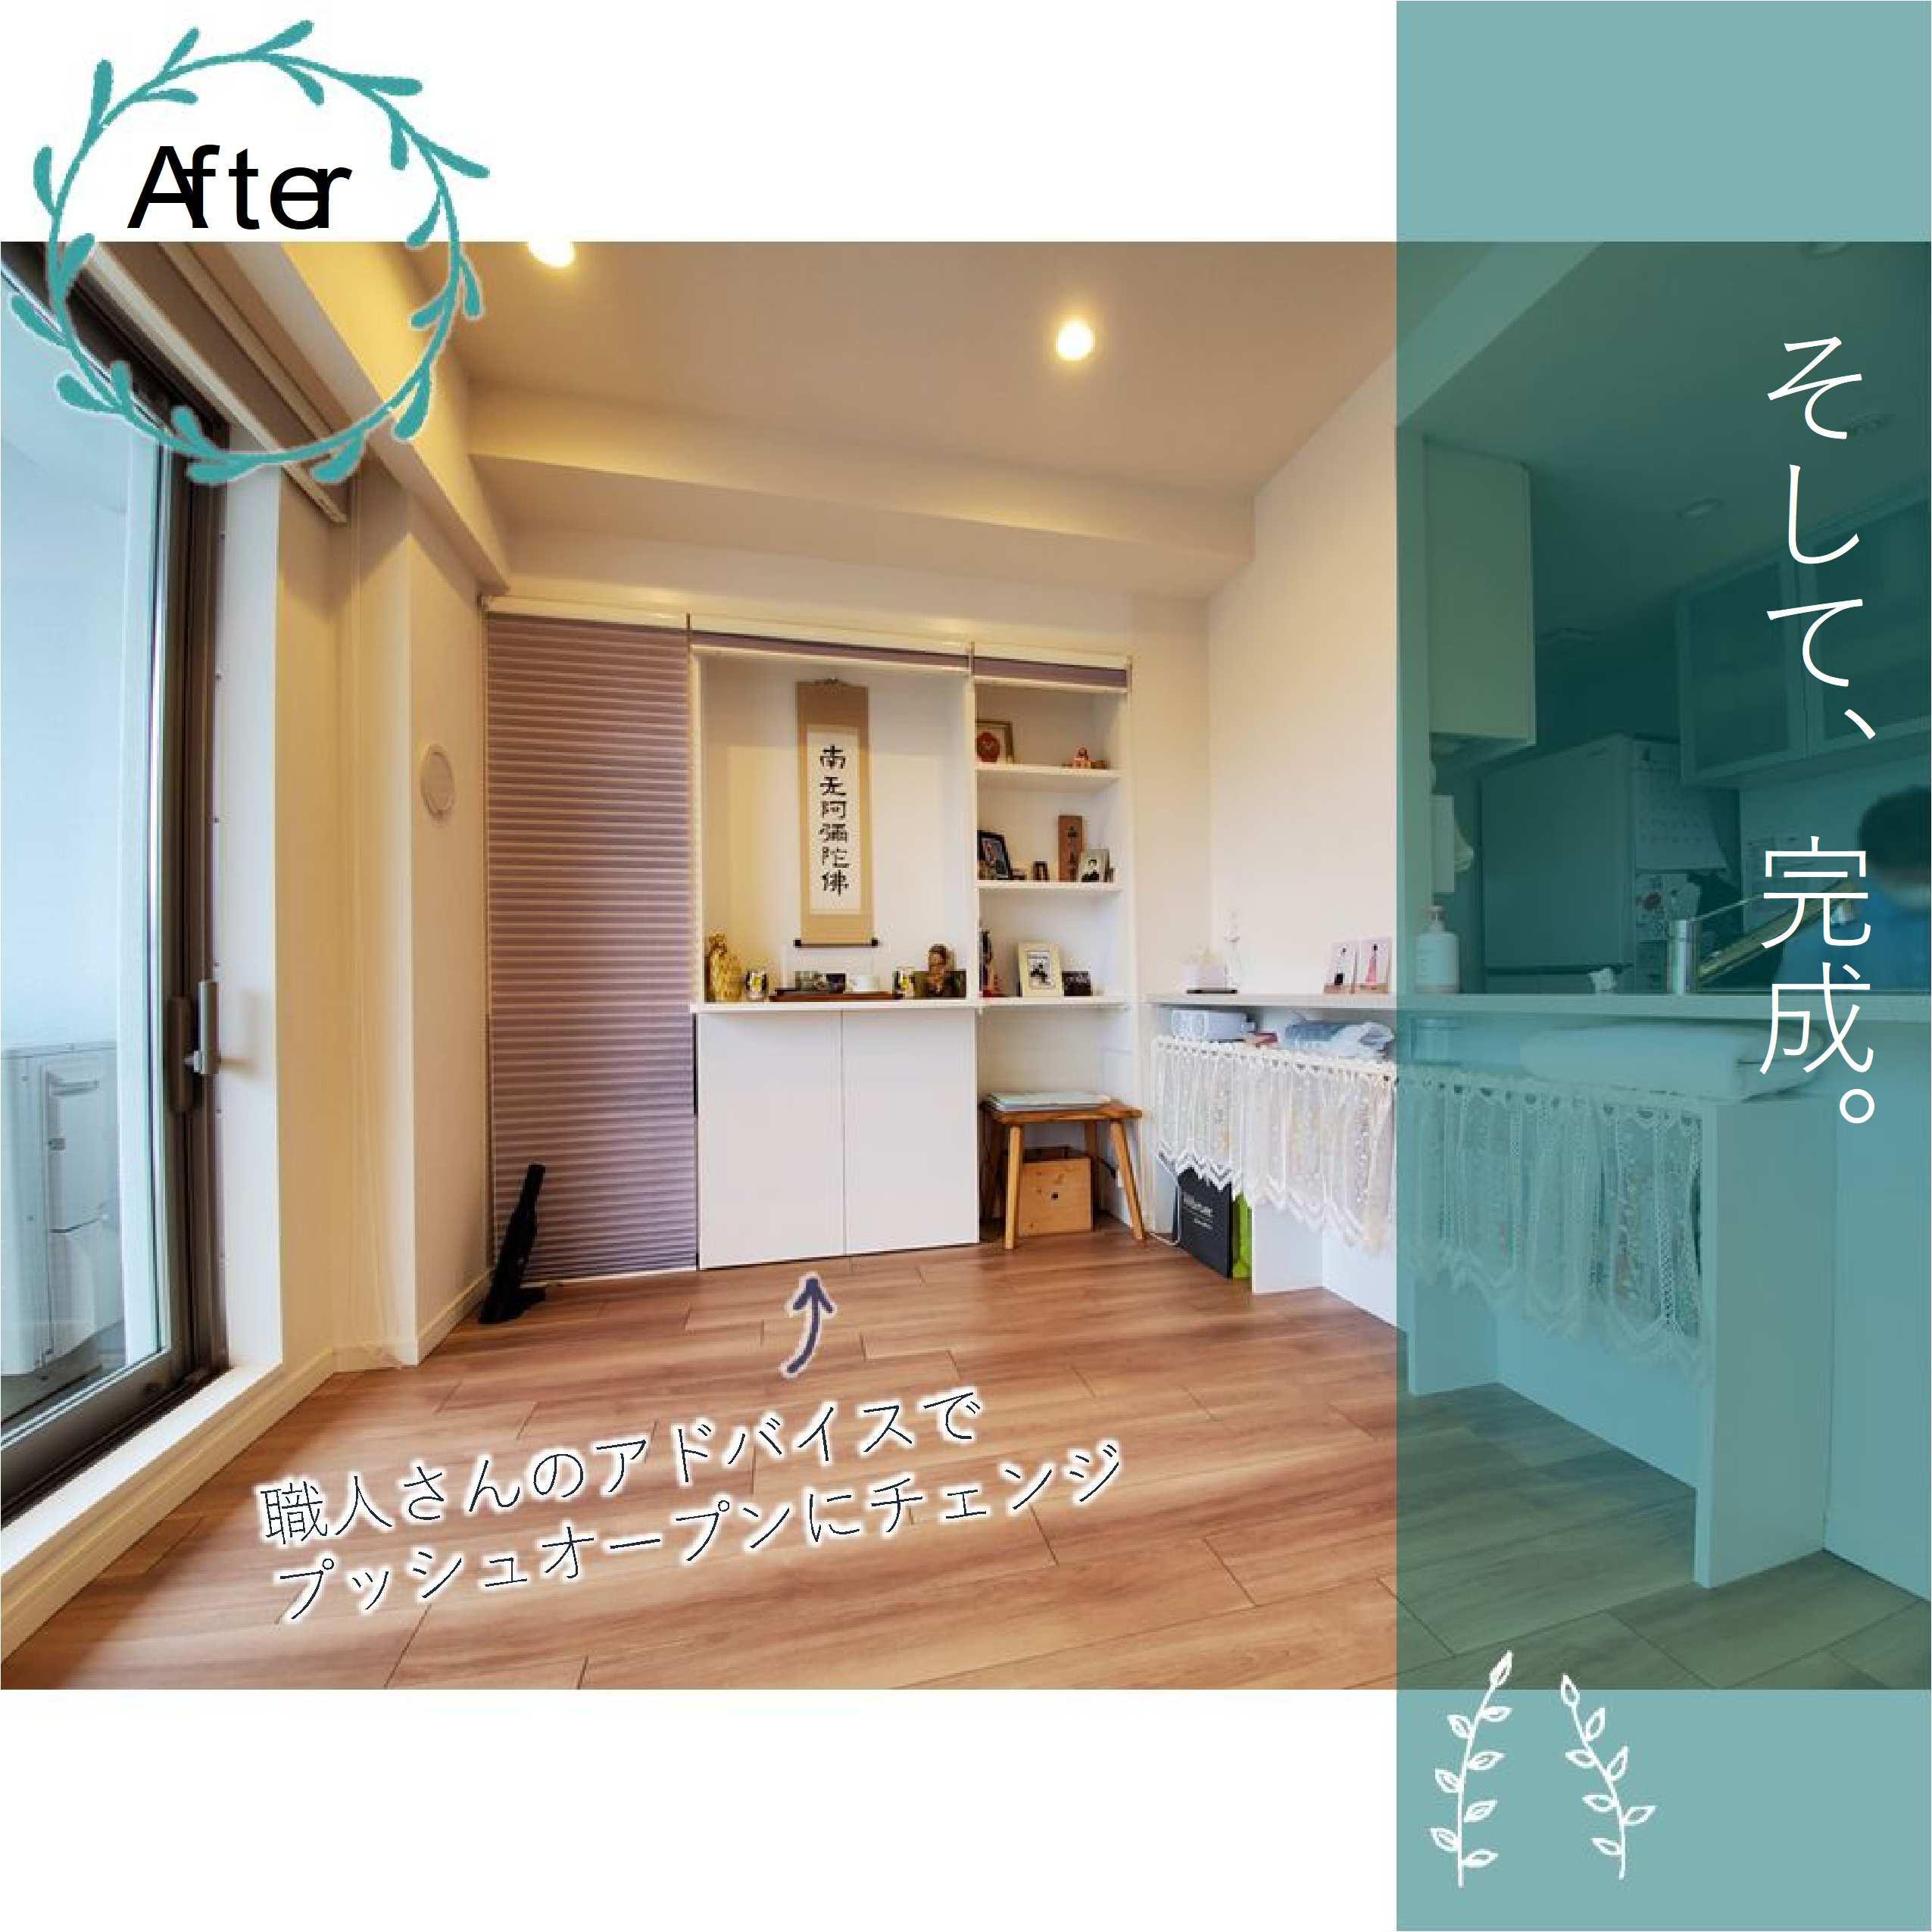 オーダー家具のデザイン